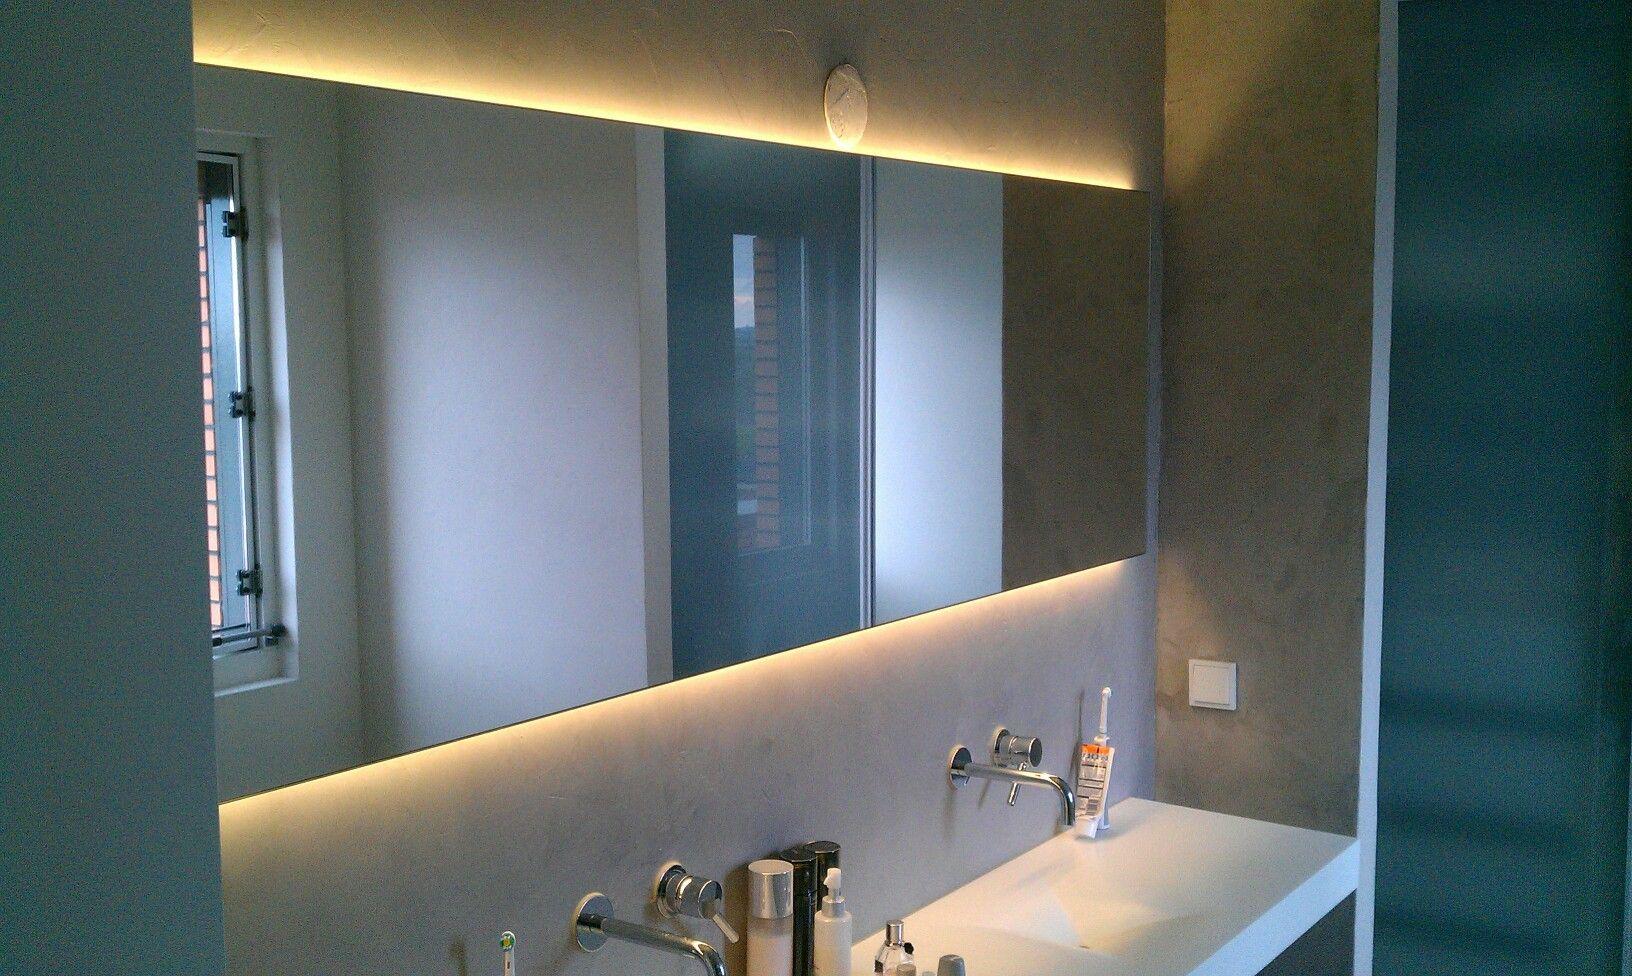 Spiegel met led verlichting achter de spiegel | spiegel en spiegels ...